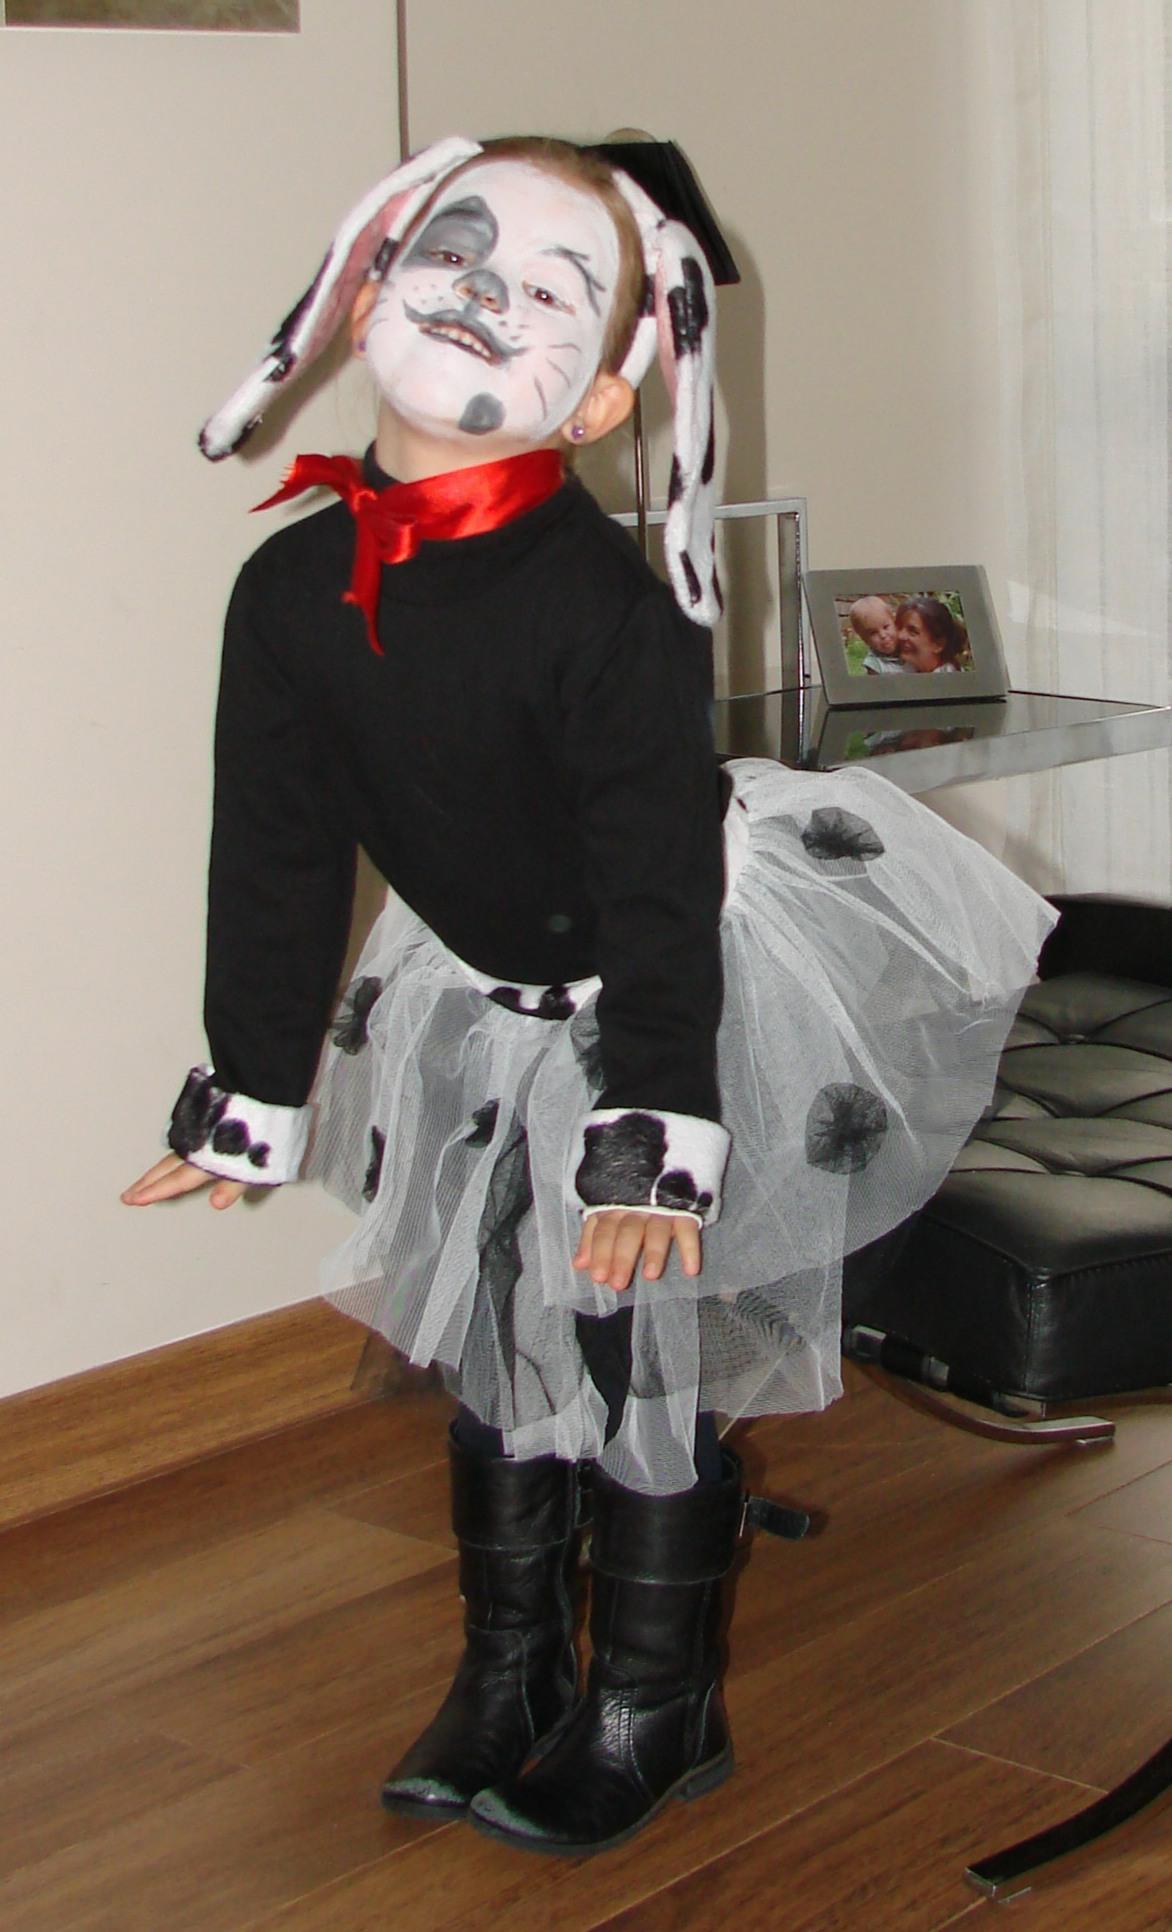 Faldas de mi hija por debajo - 3 part 3